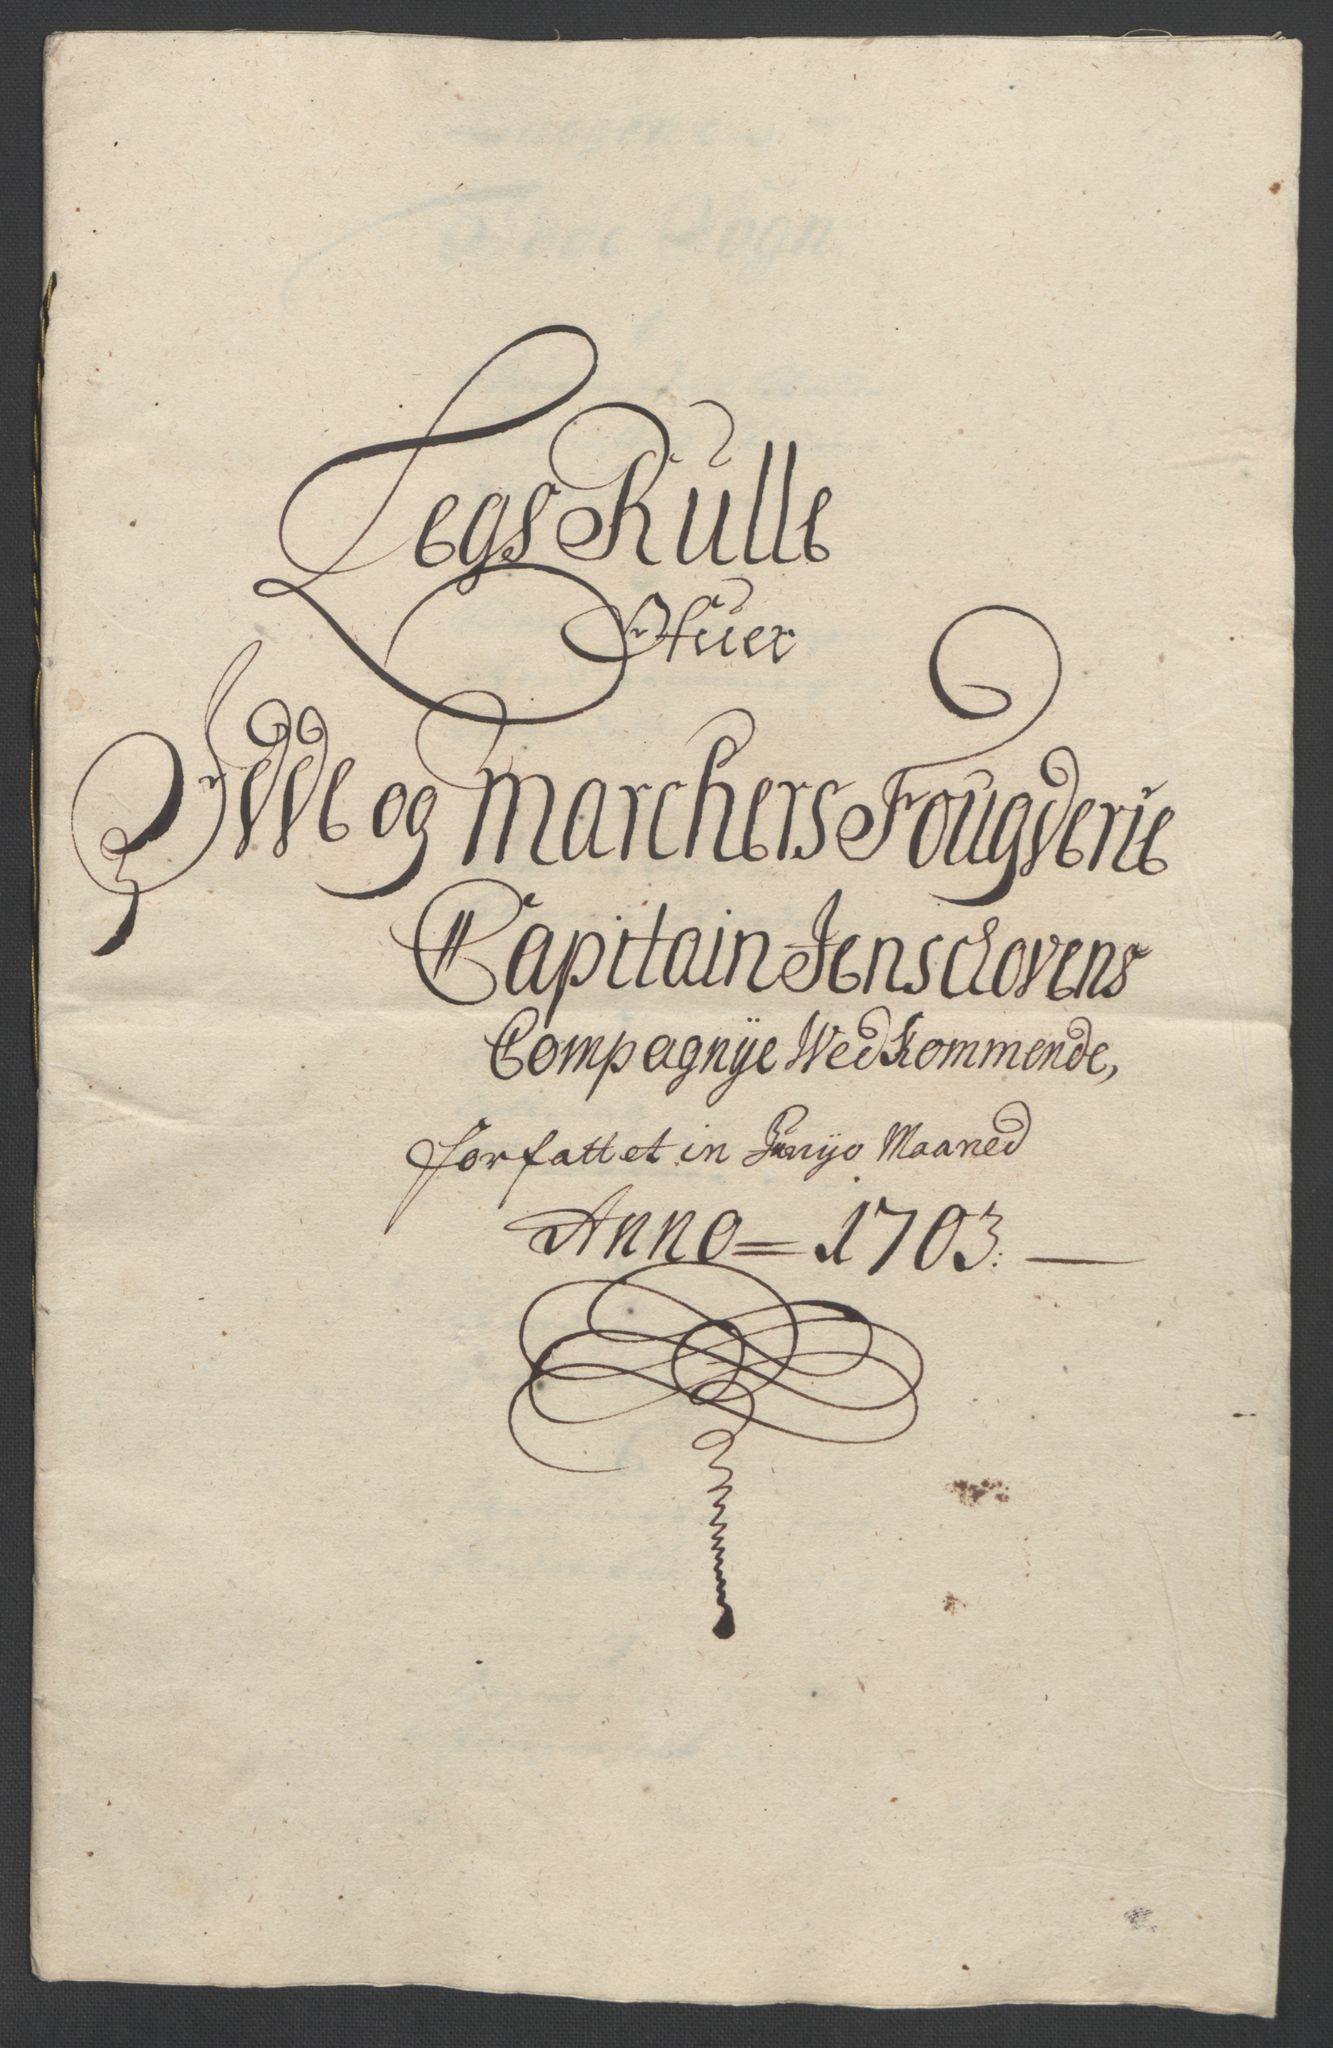 RA, Rentekammeret inntil 1814, Reviderte regnskaper, Fogderegnskap, R01/L0015: Fogderegnskap Idd og Marker, 1700-1701, s. 378